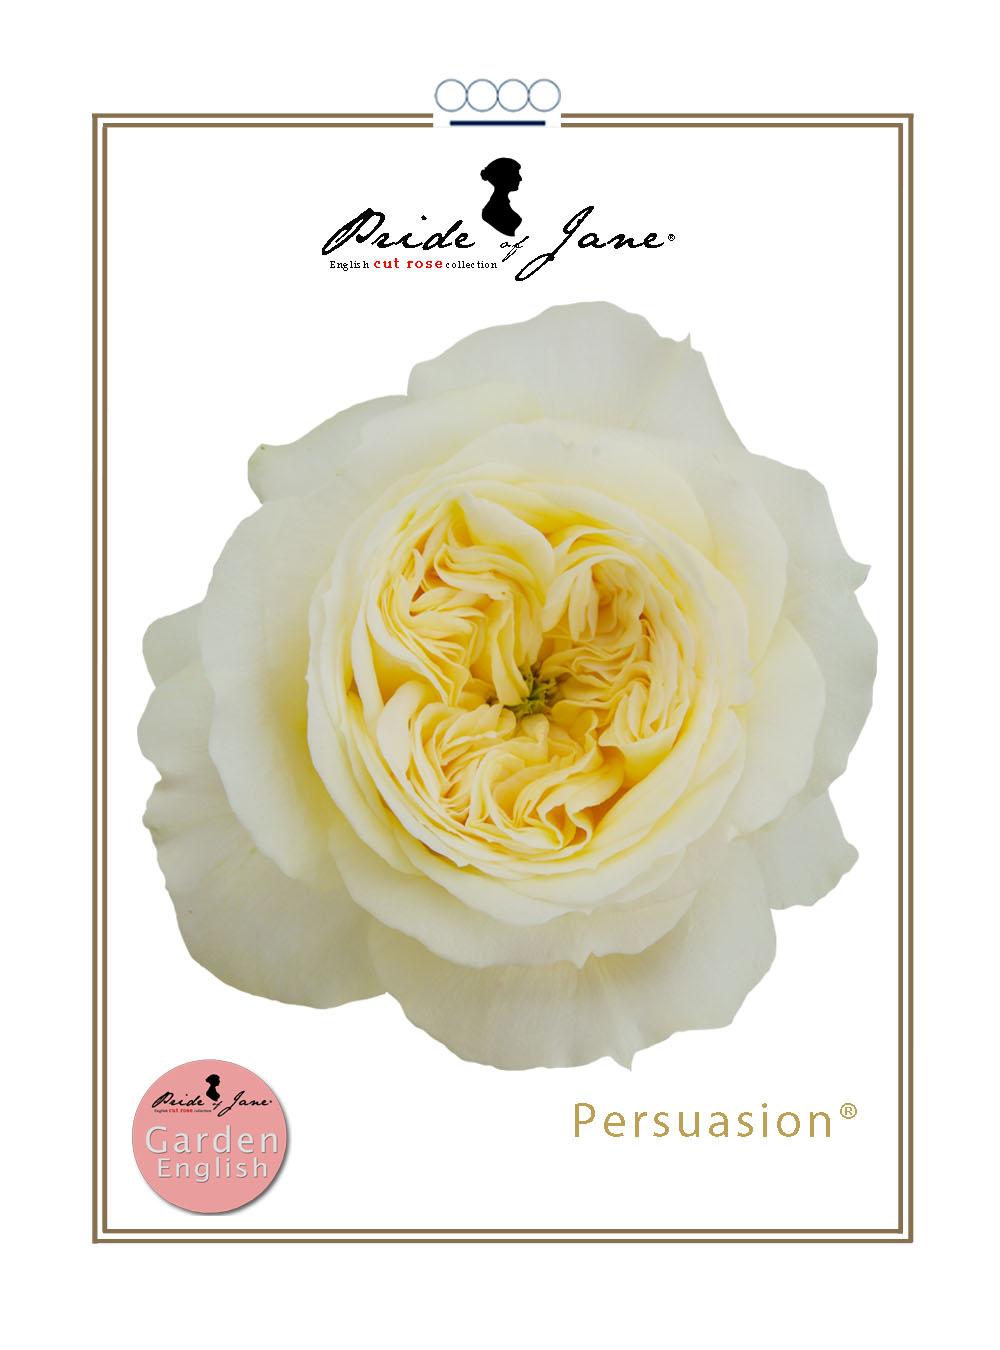 Persuasion®